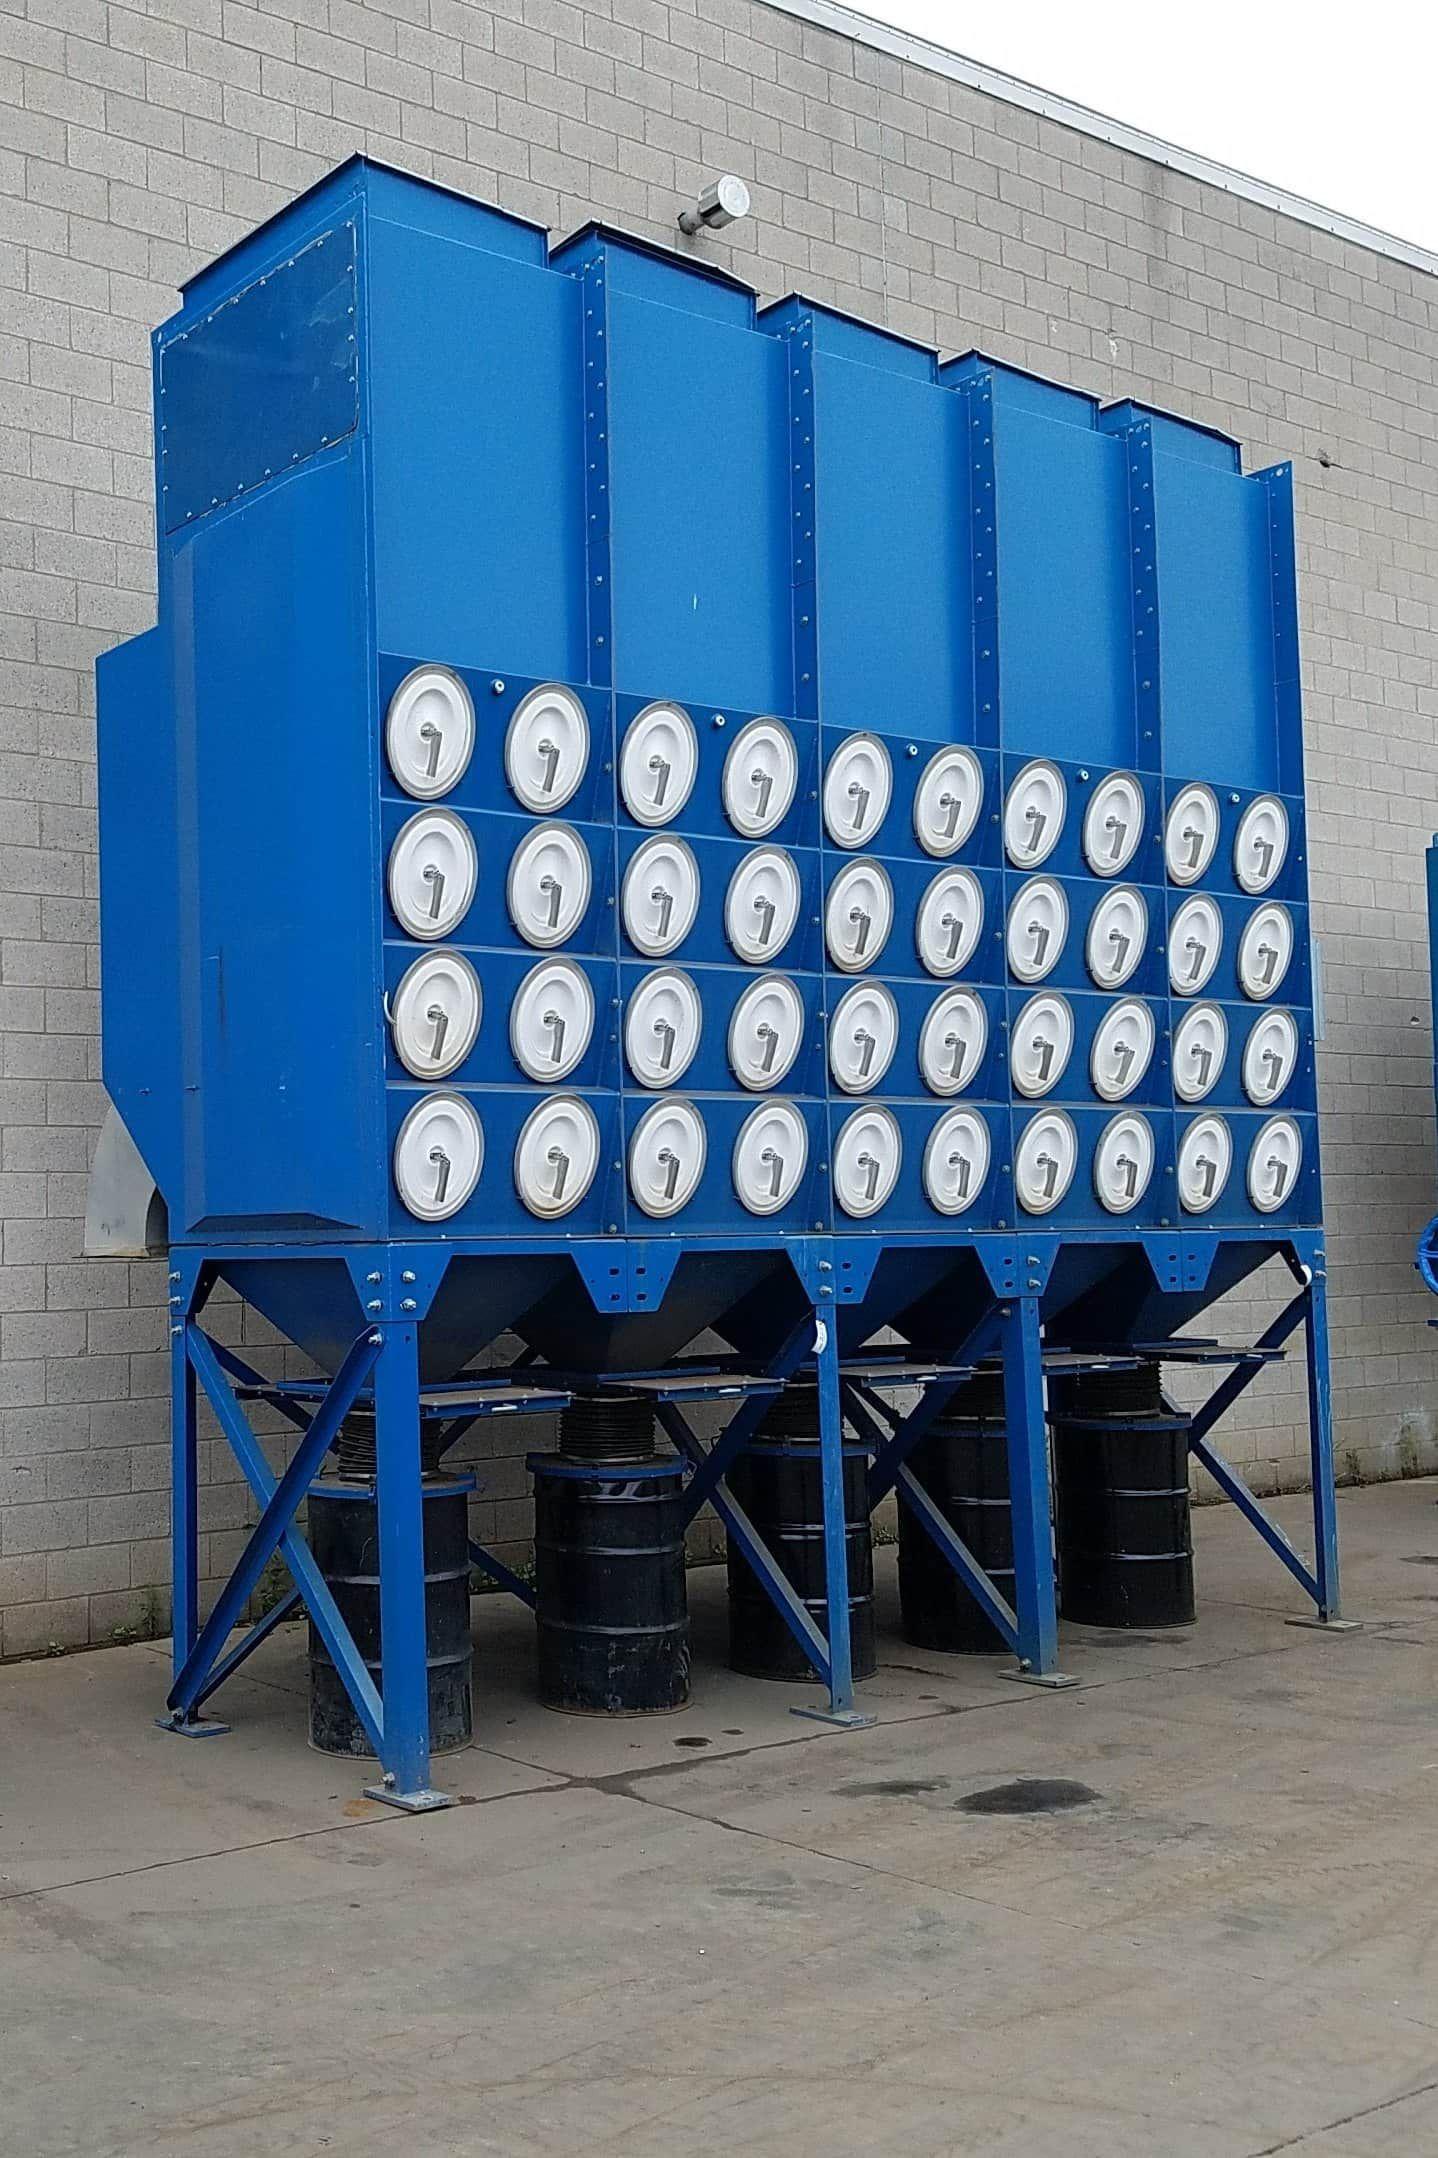 44,000 cfm Donaldson Torit #DFO4-80 EDAP Cartridge Dust Collector